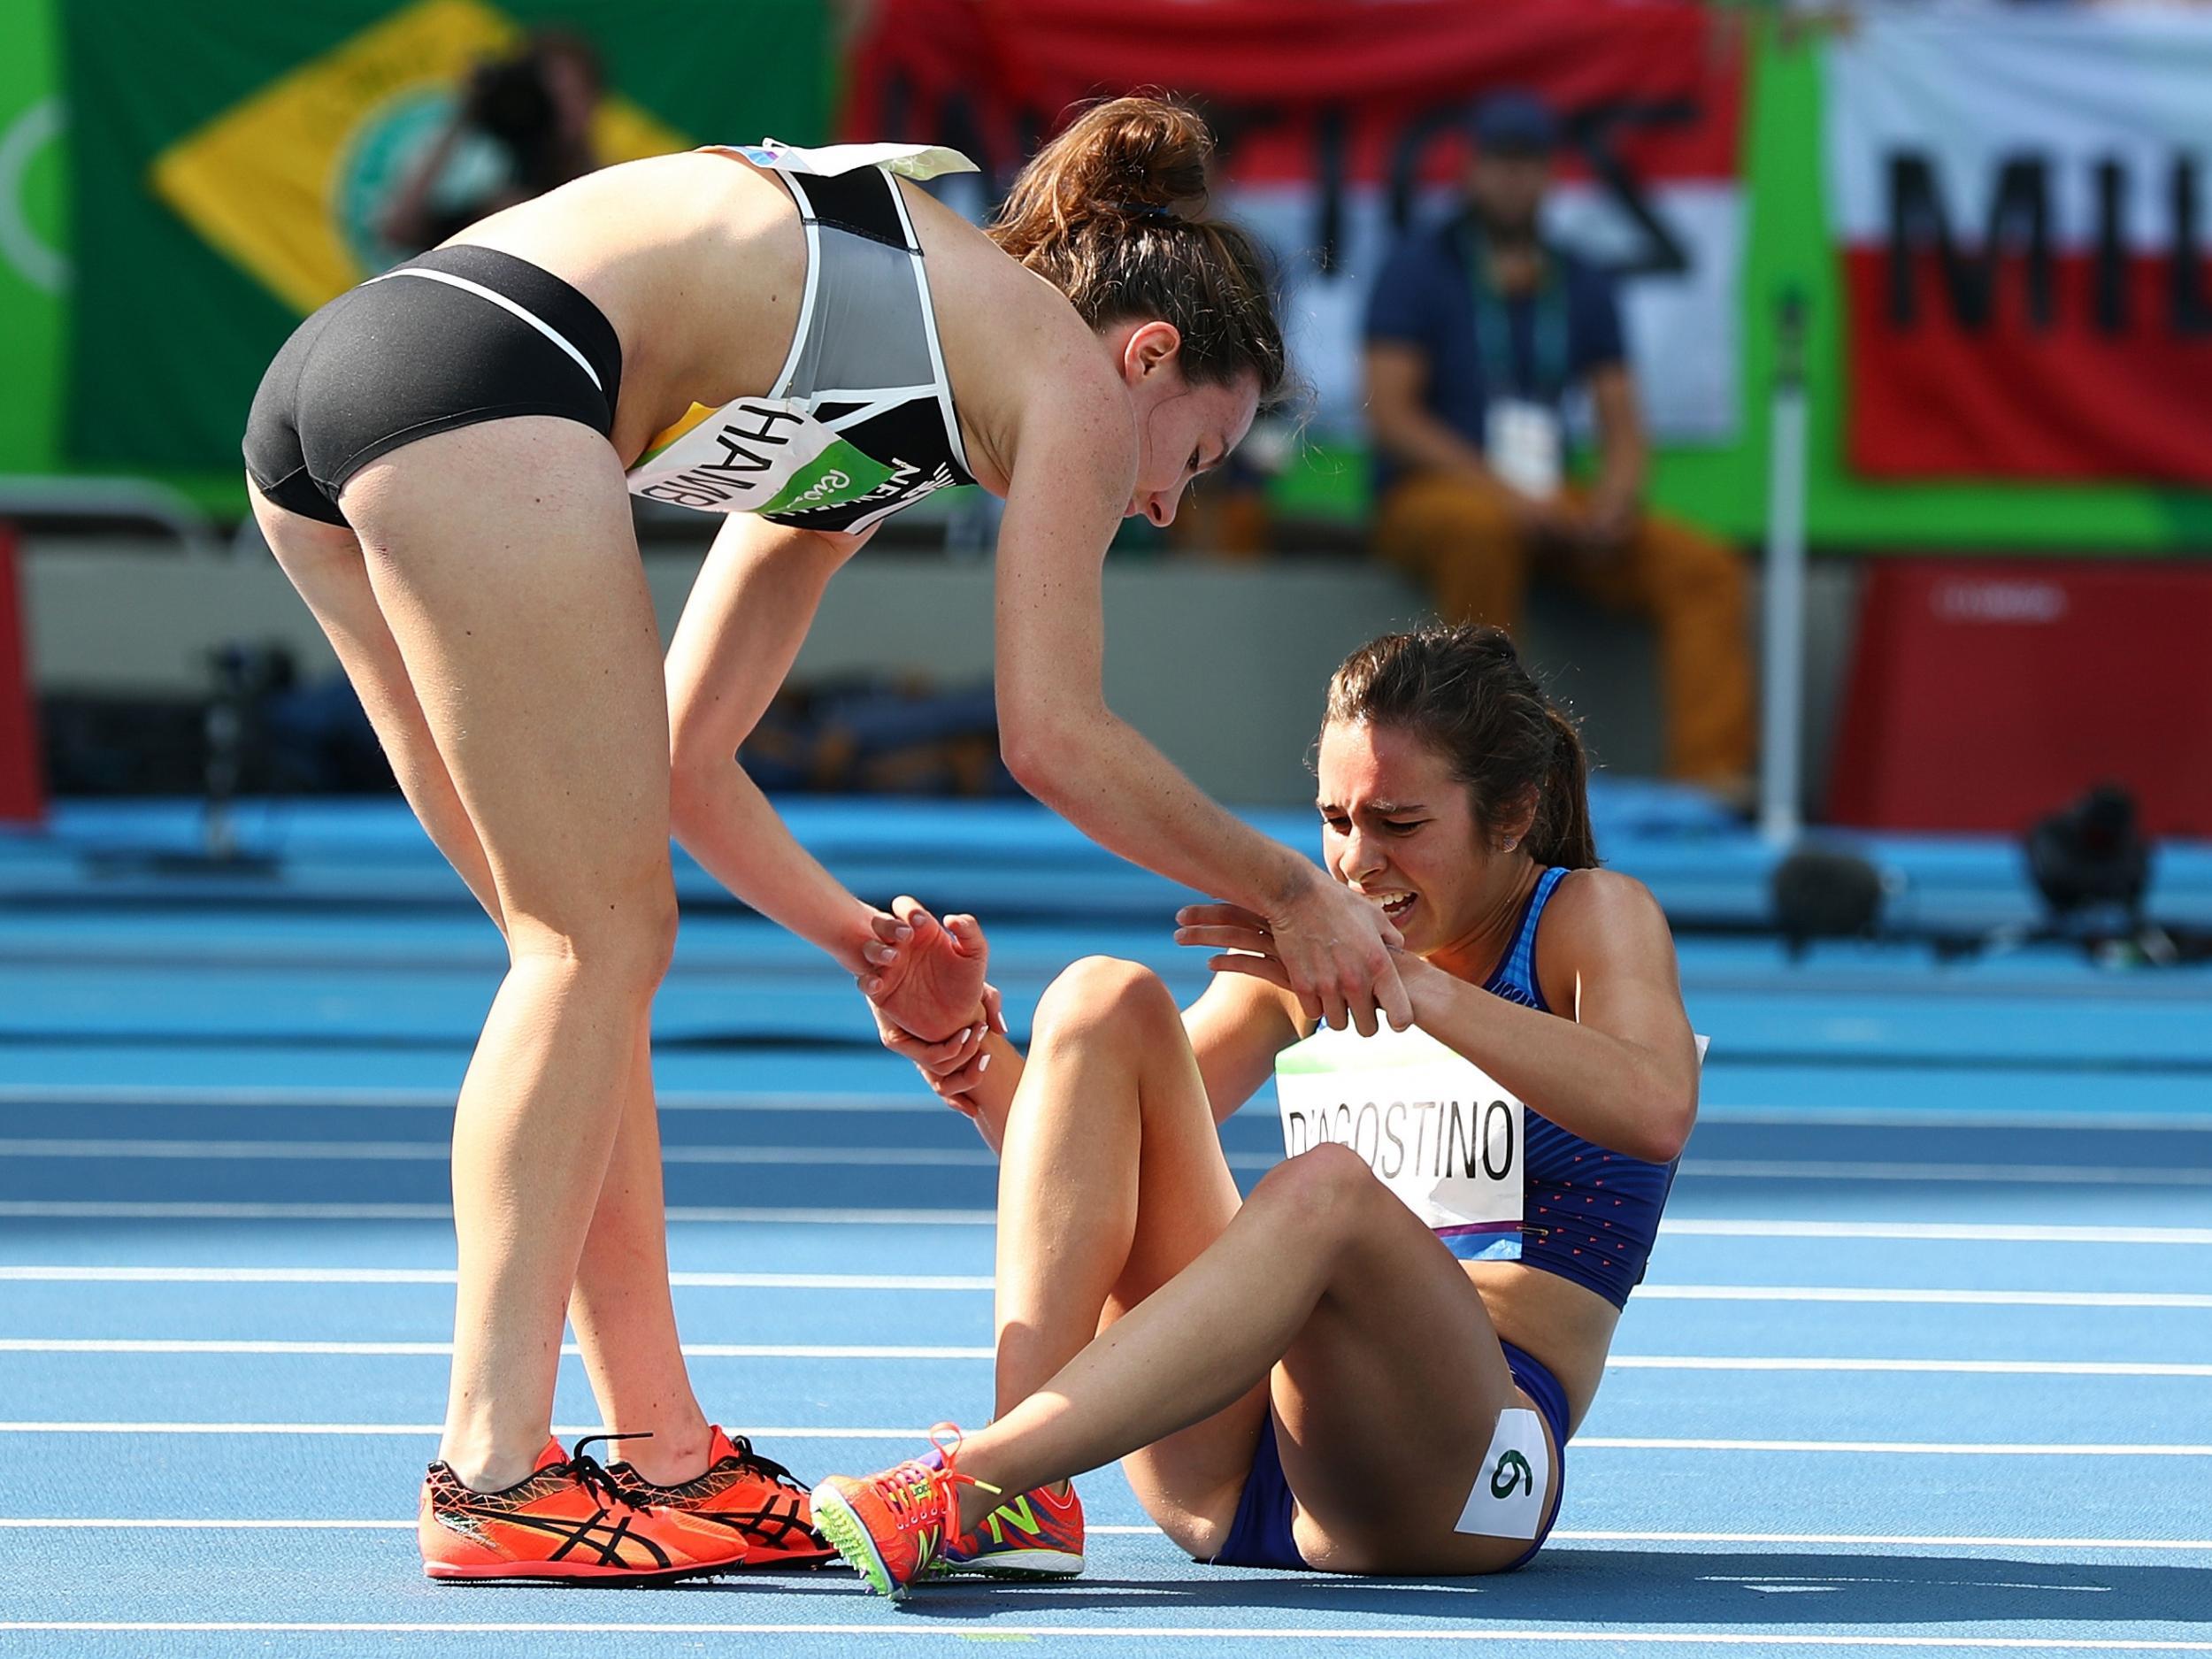 Страхование спортсменов от несчастных случаев во время соревнований